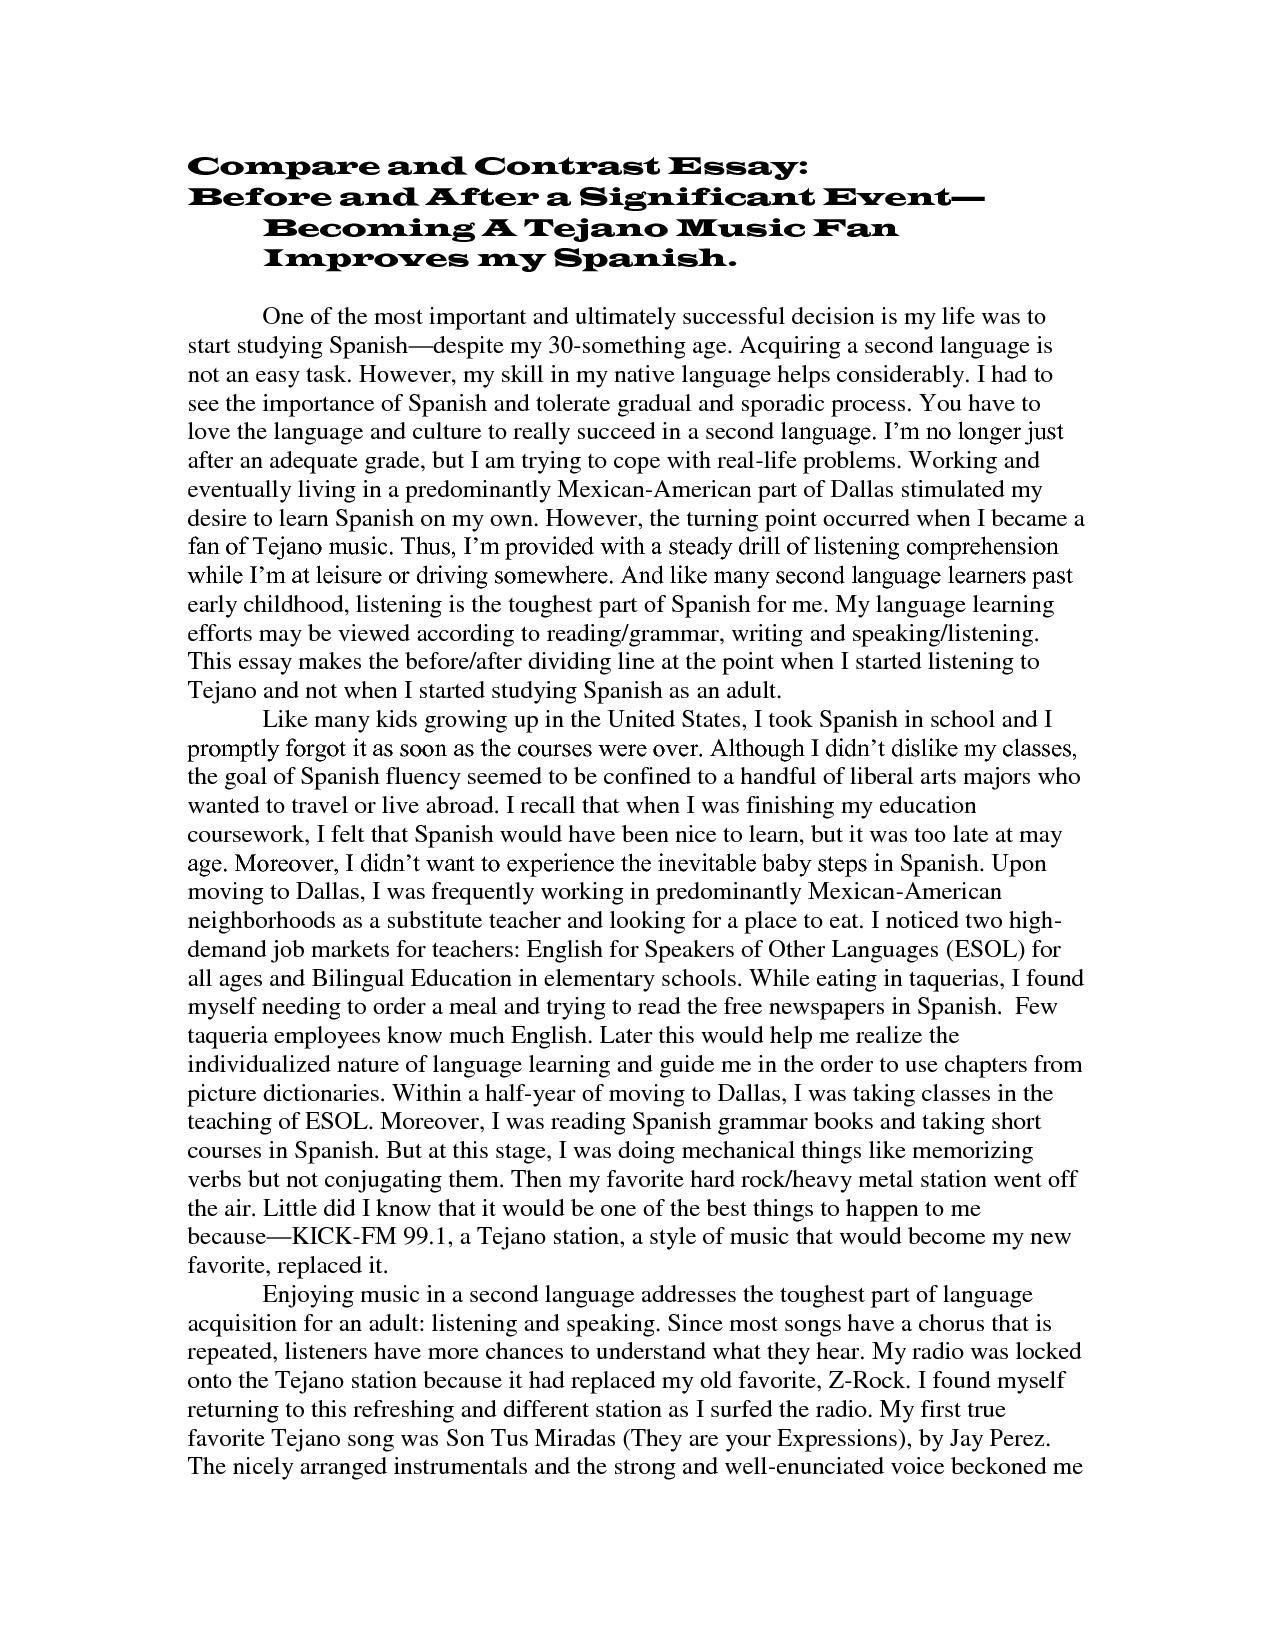 004 Compare Contrast Essays Unusual Essay Examples High School Vs College Comparison Pdf And Topics 6th Grade Full